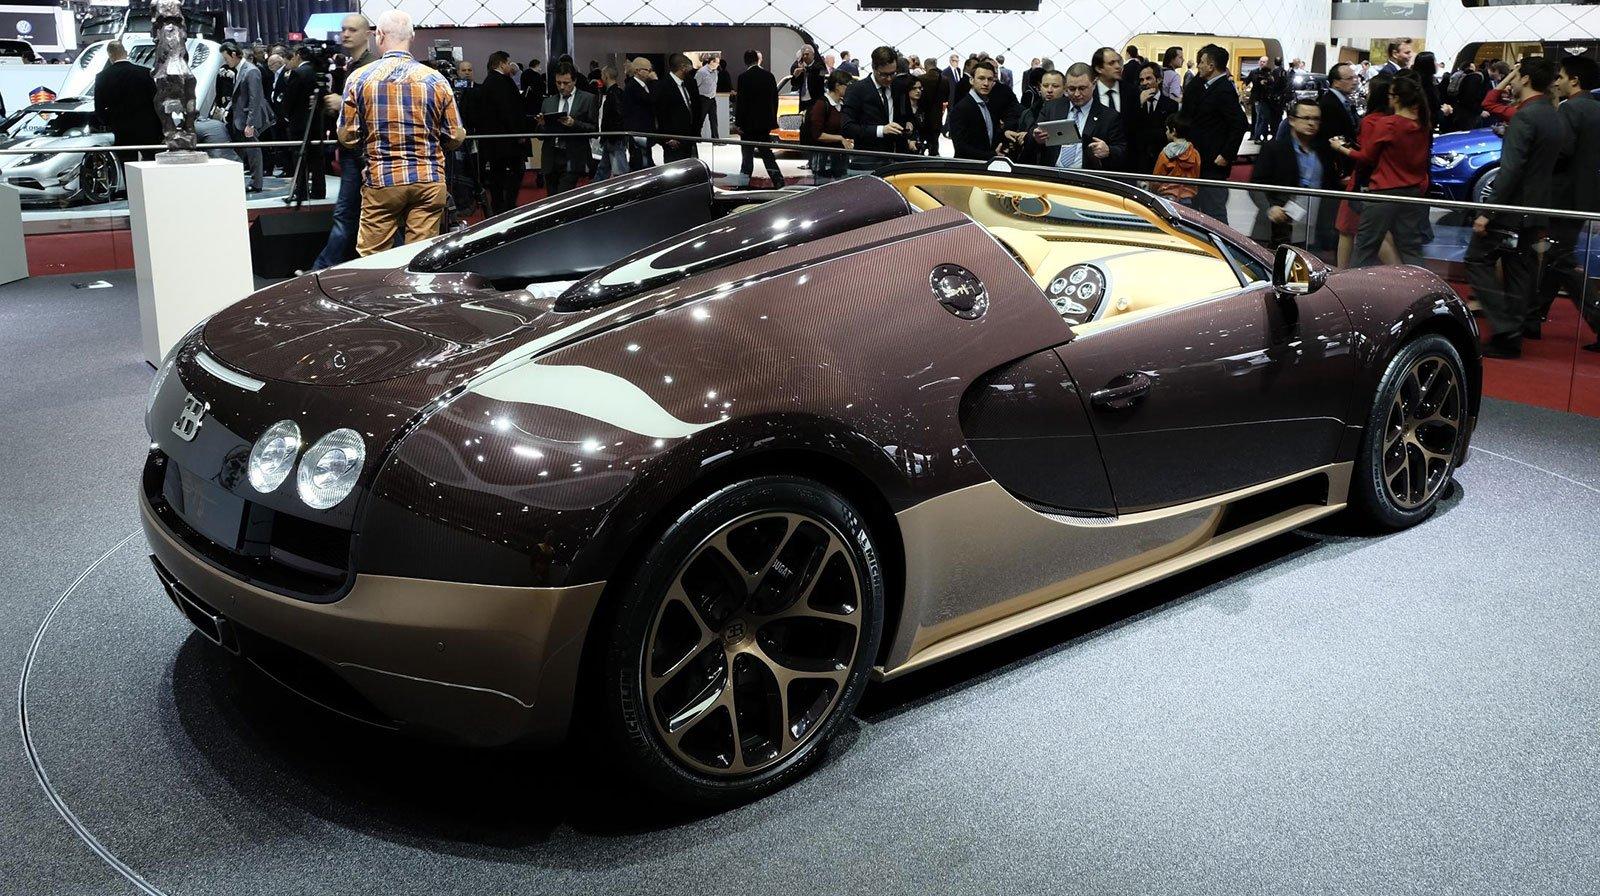 Bugatti Veyron Rembrandt Bugatti The Fourth Special Image